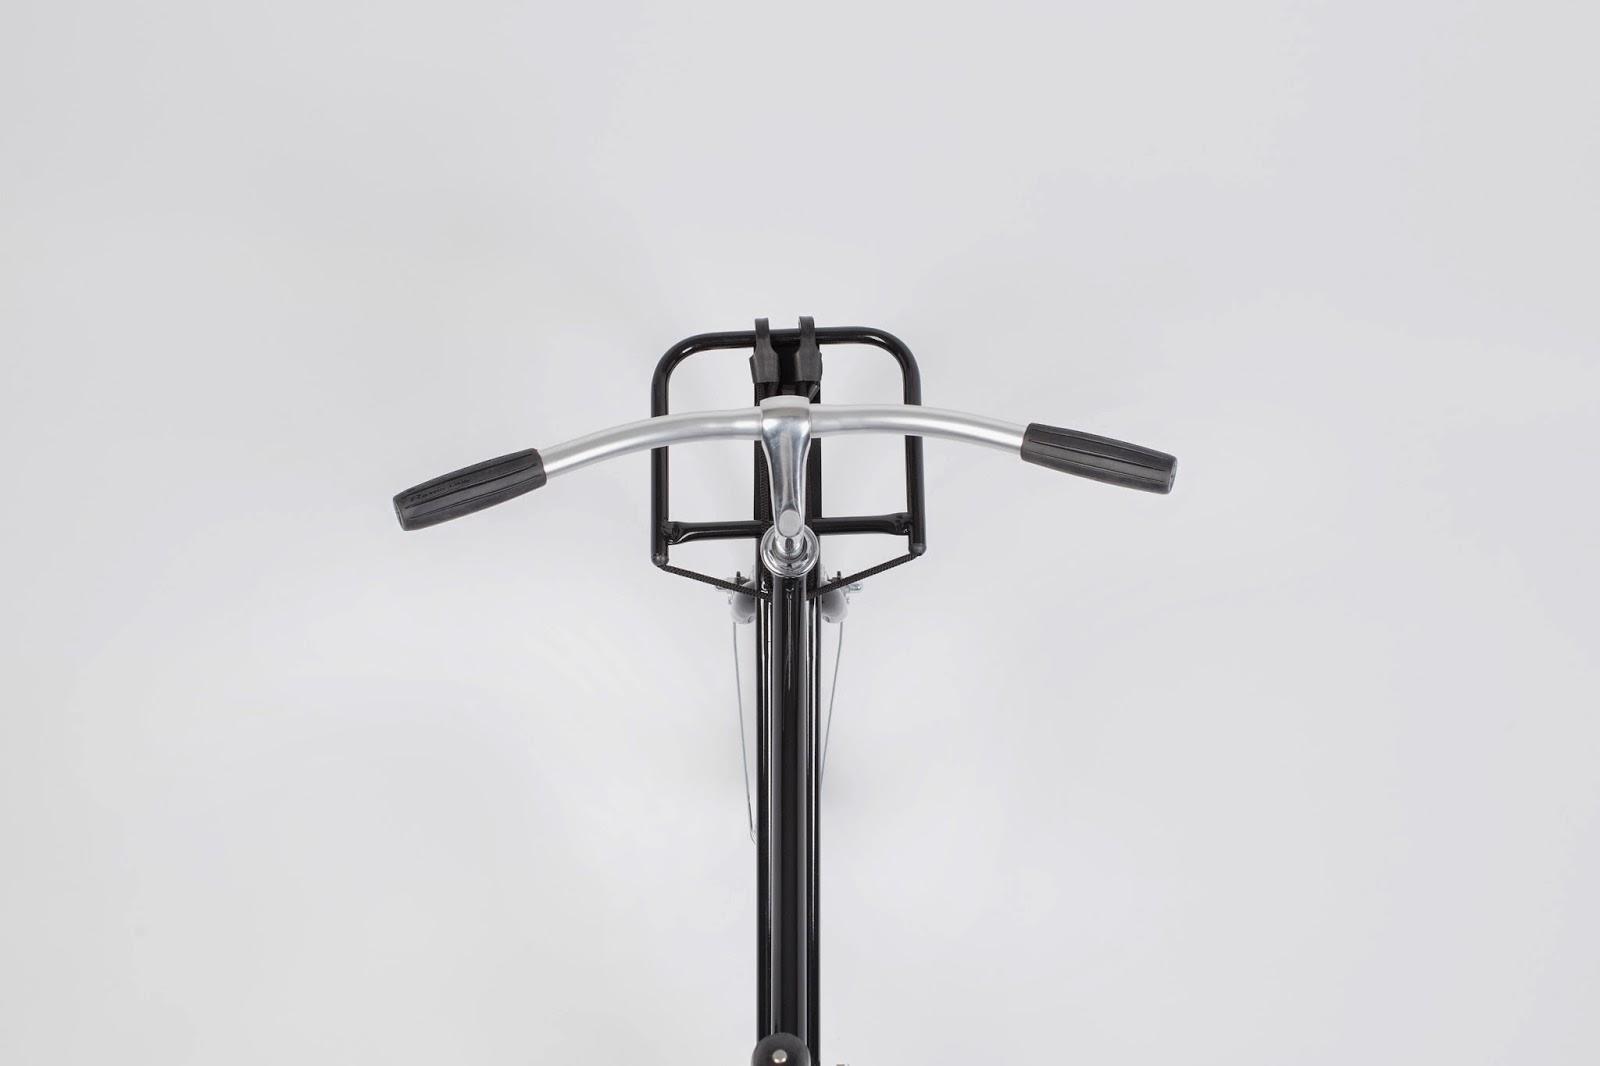 minute bike cuadro